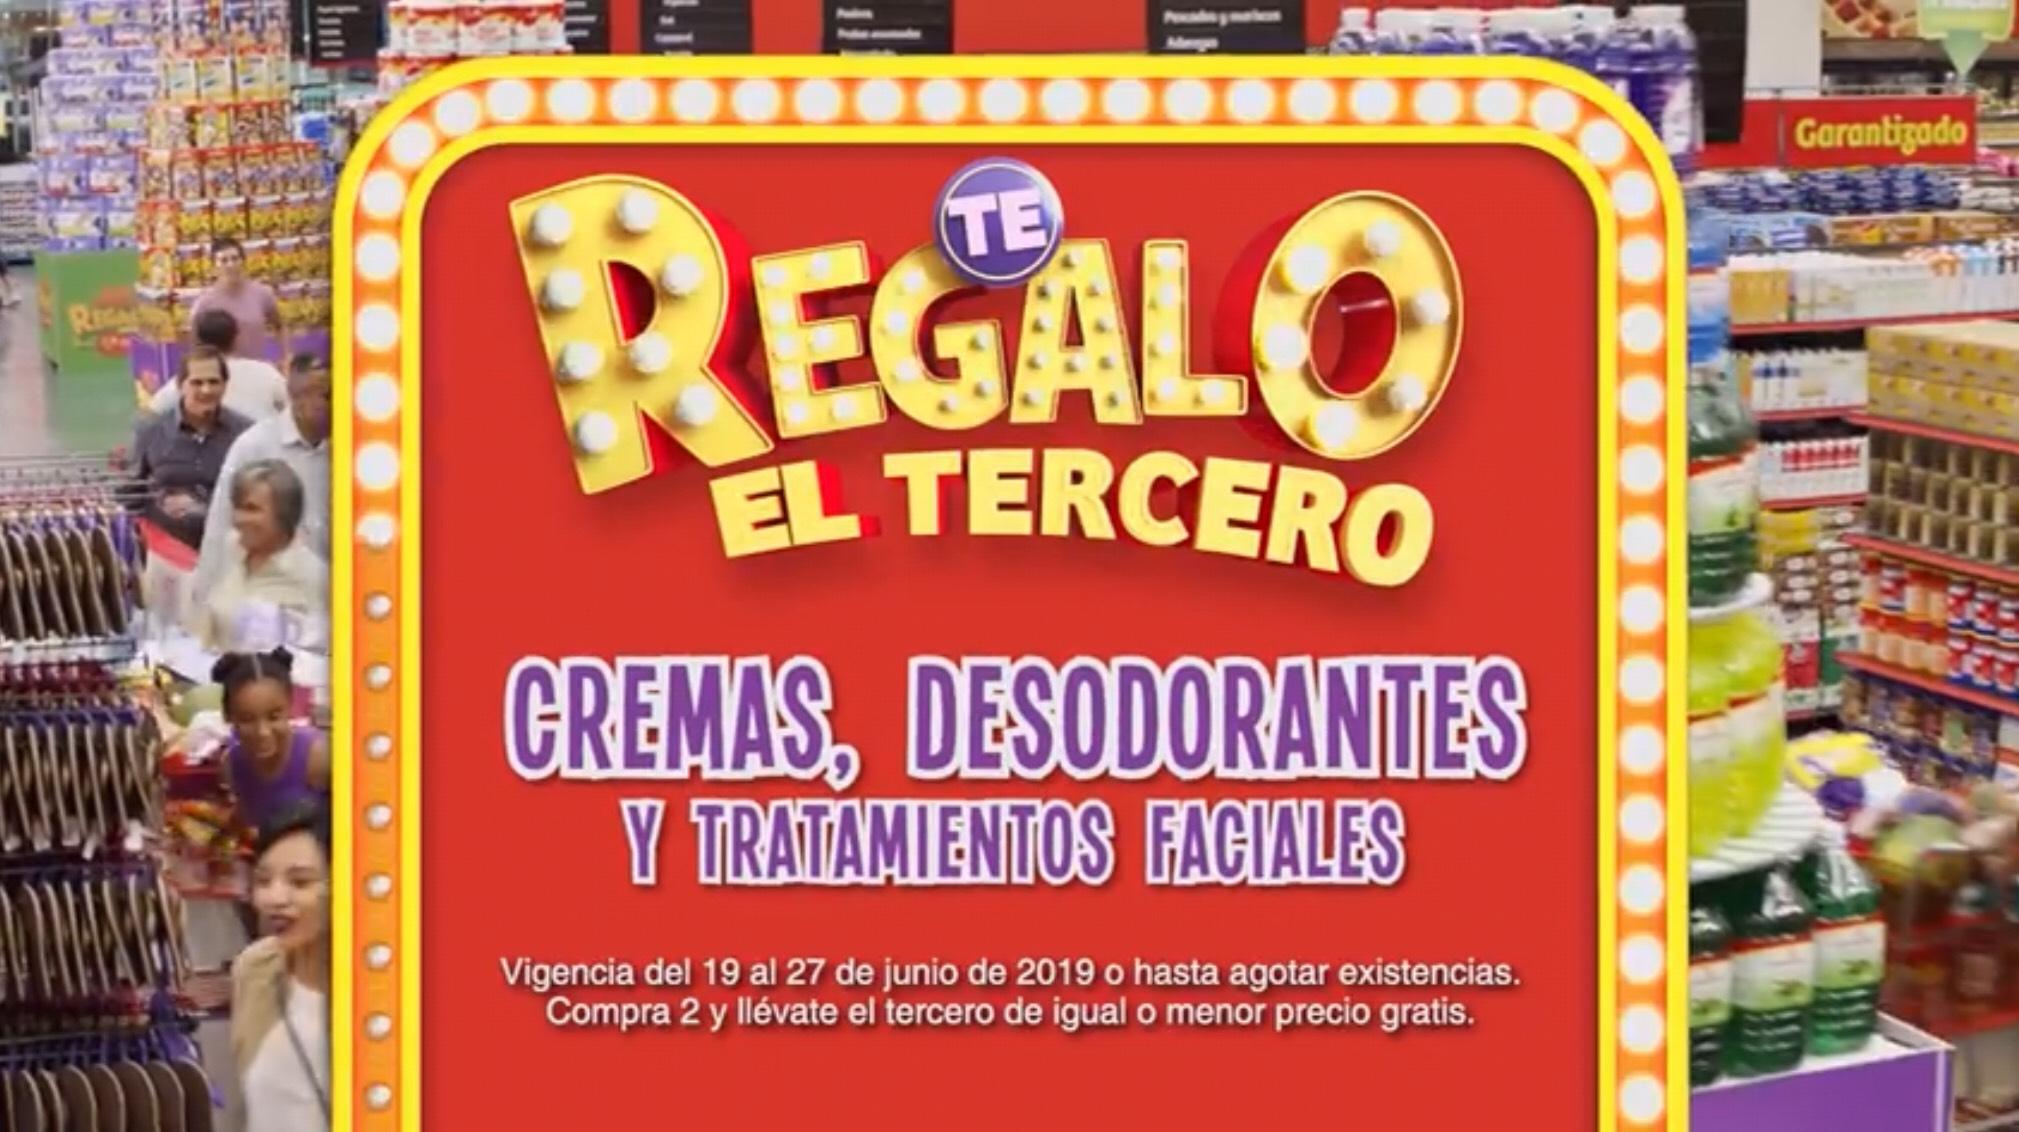 Julio Regalado en Soriana: 3x2 en Todas las Cremas, Desodorantes y Tratamientos Faciales